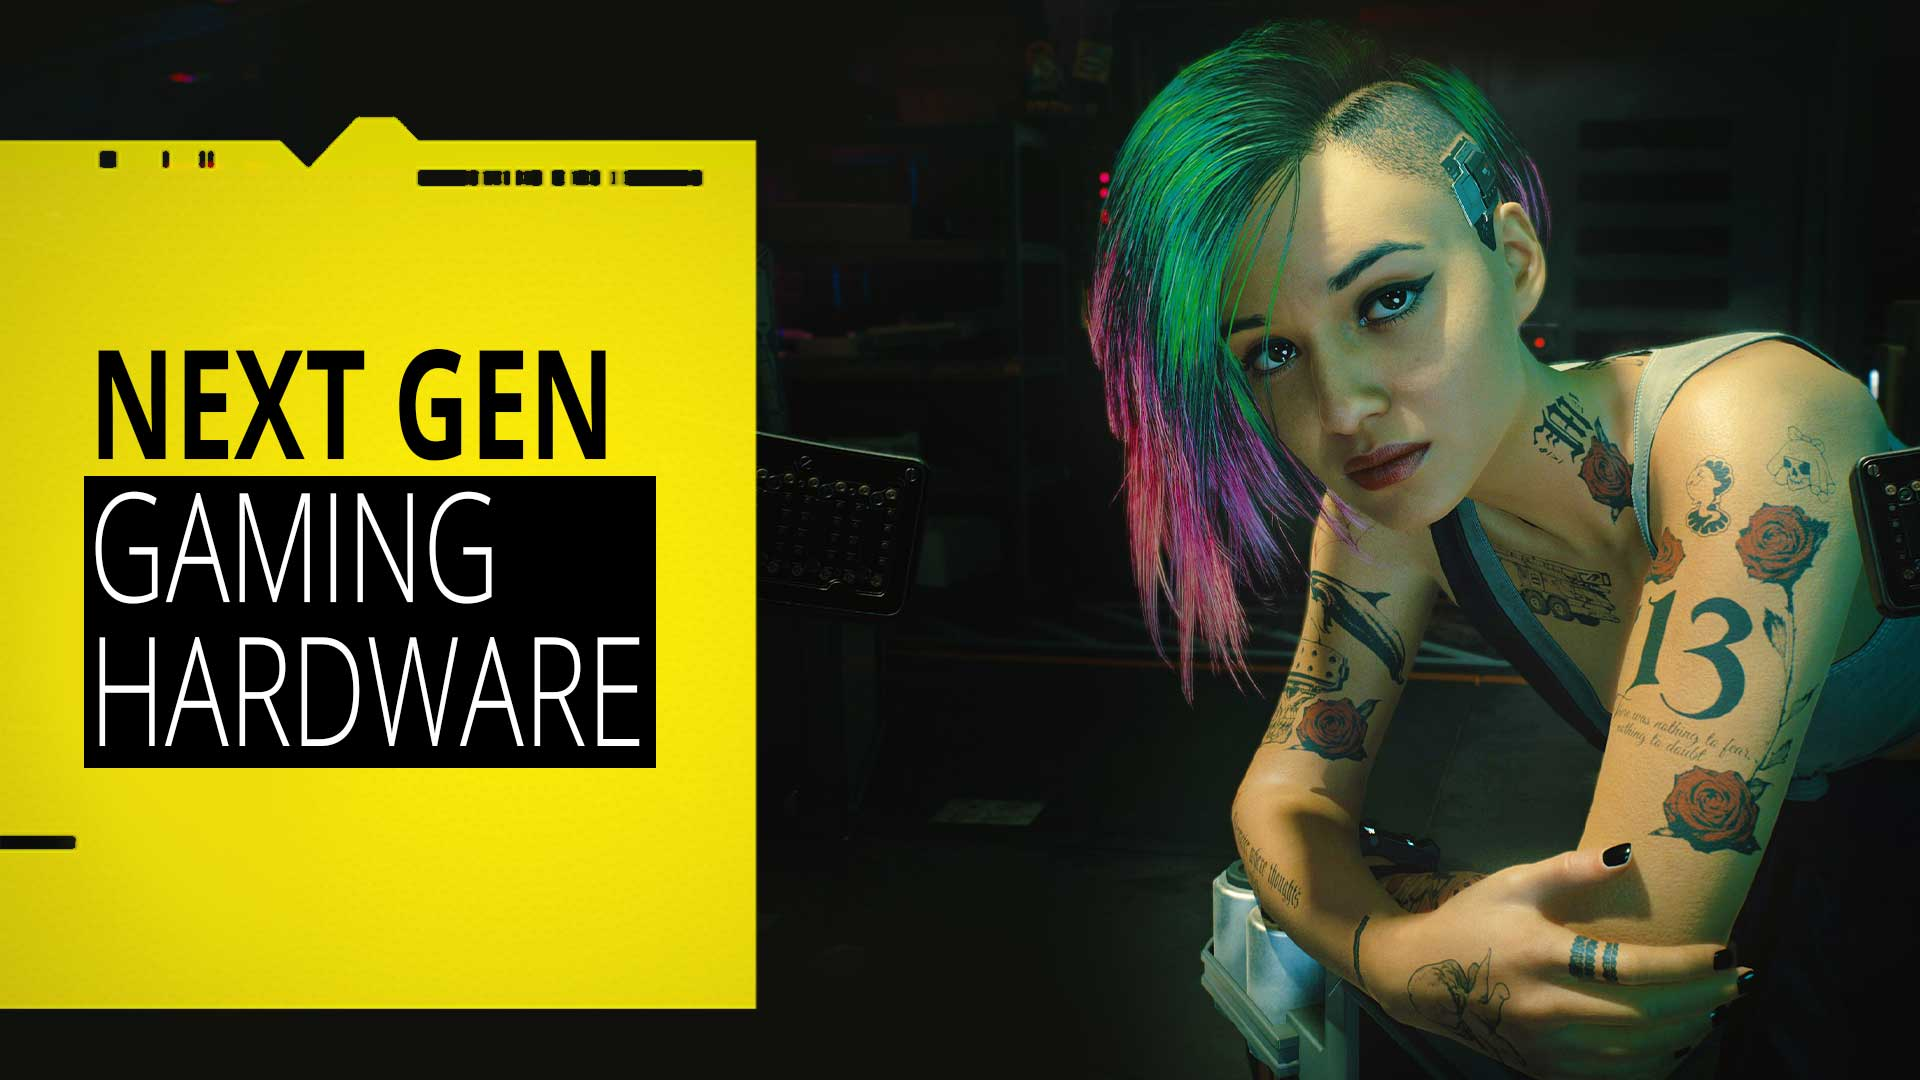 next gen gaming hardware